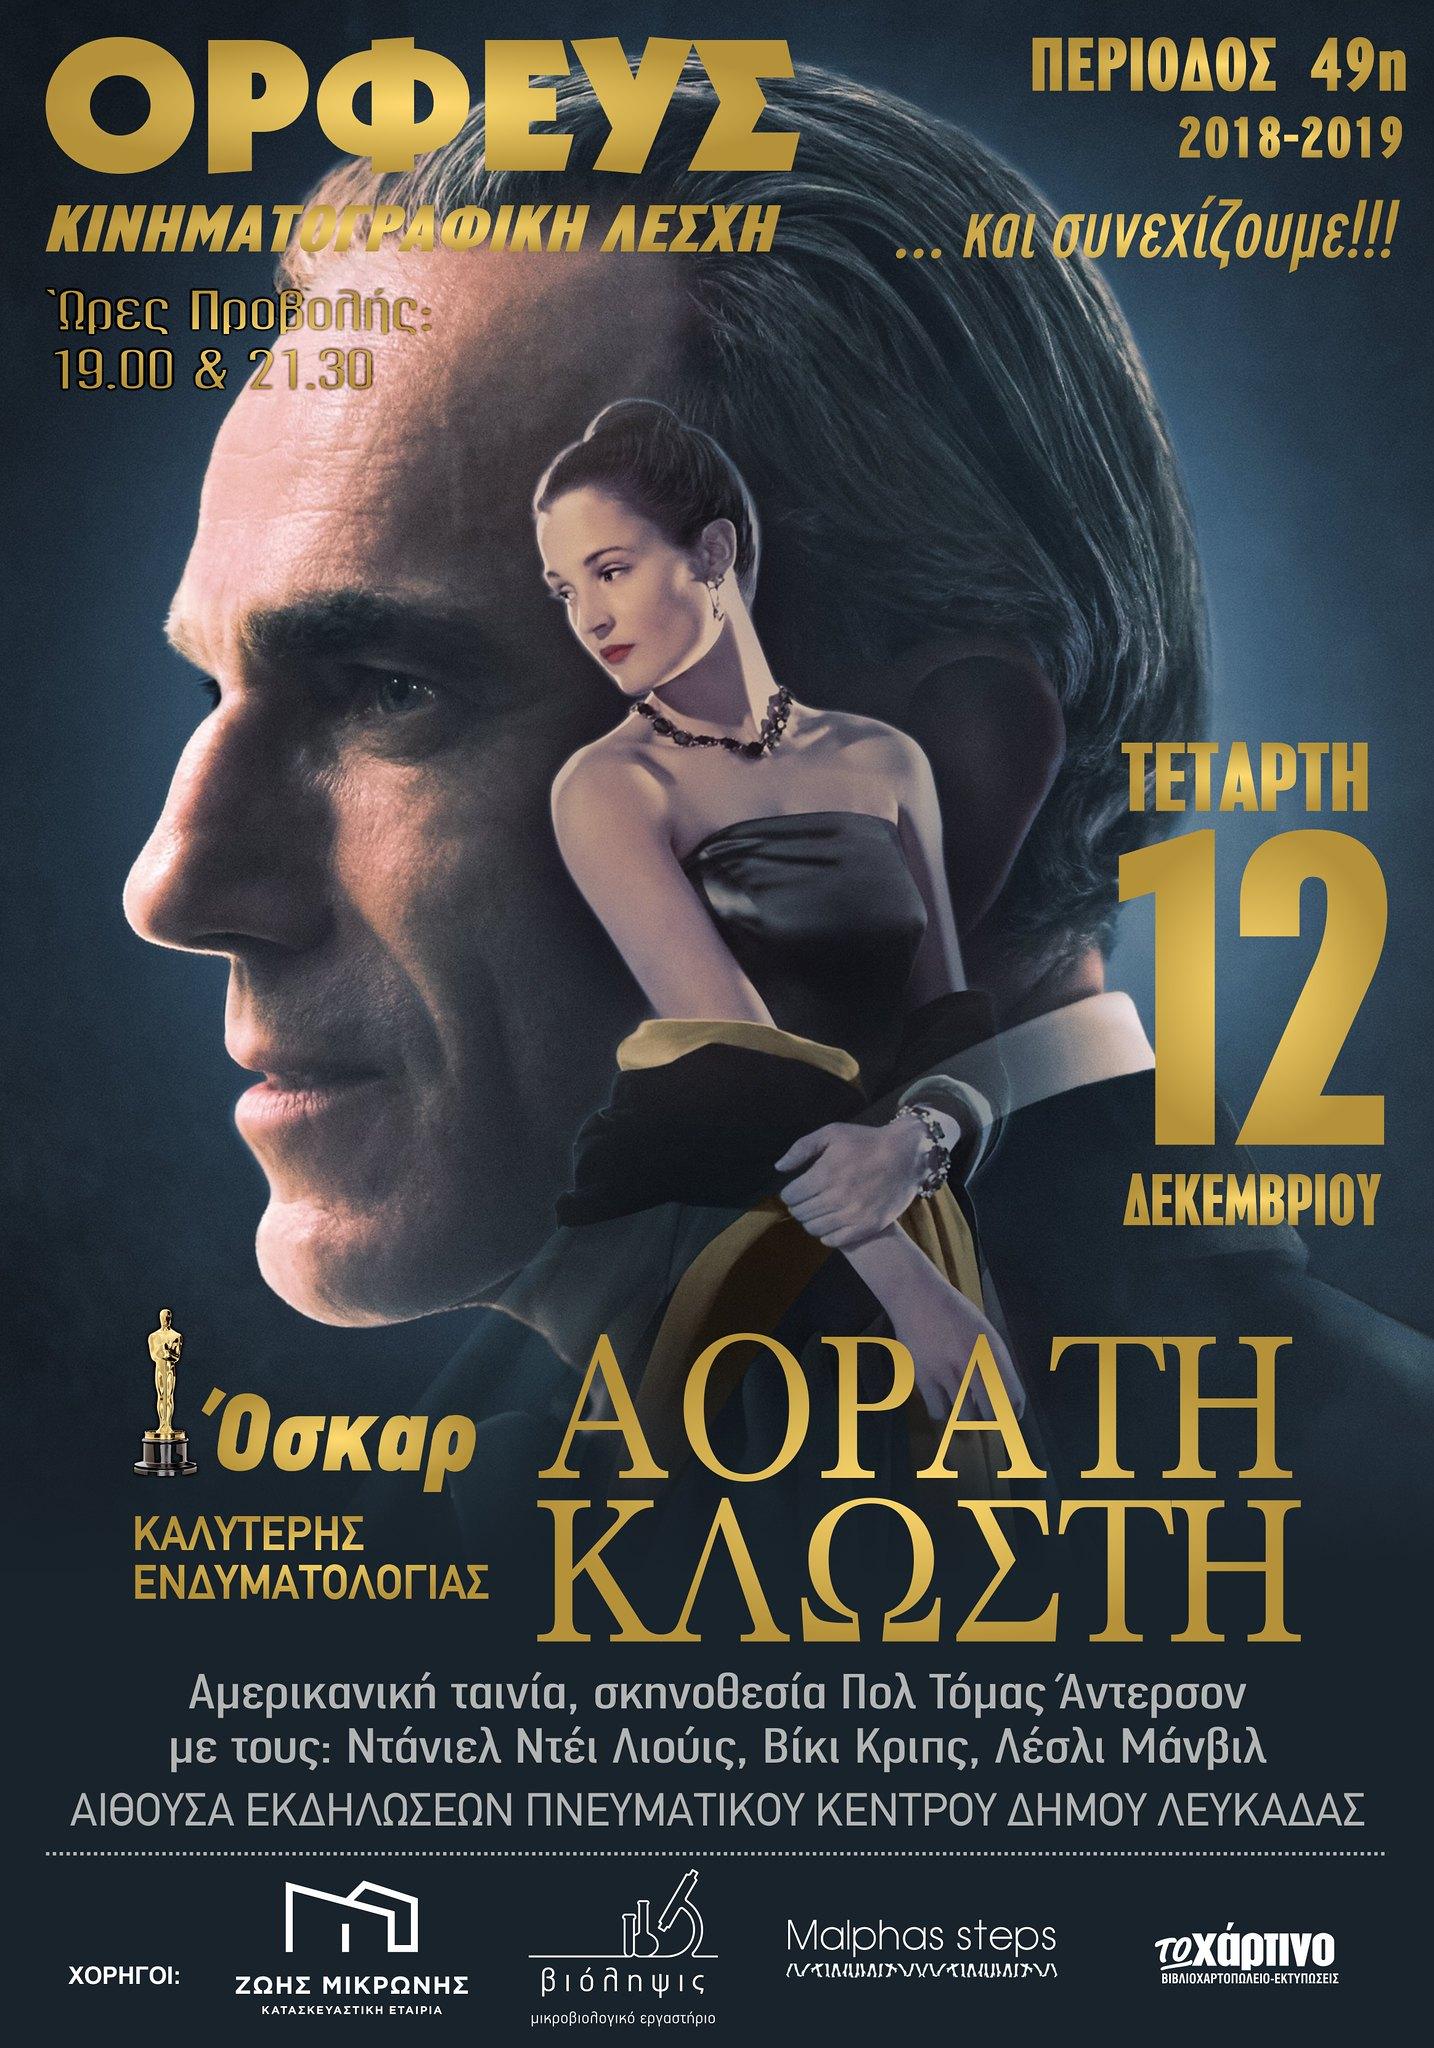 orfeas kinimatografiki lesxi poster tainias'